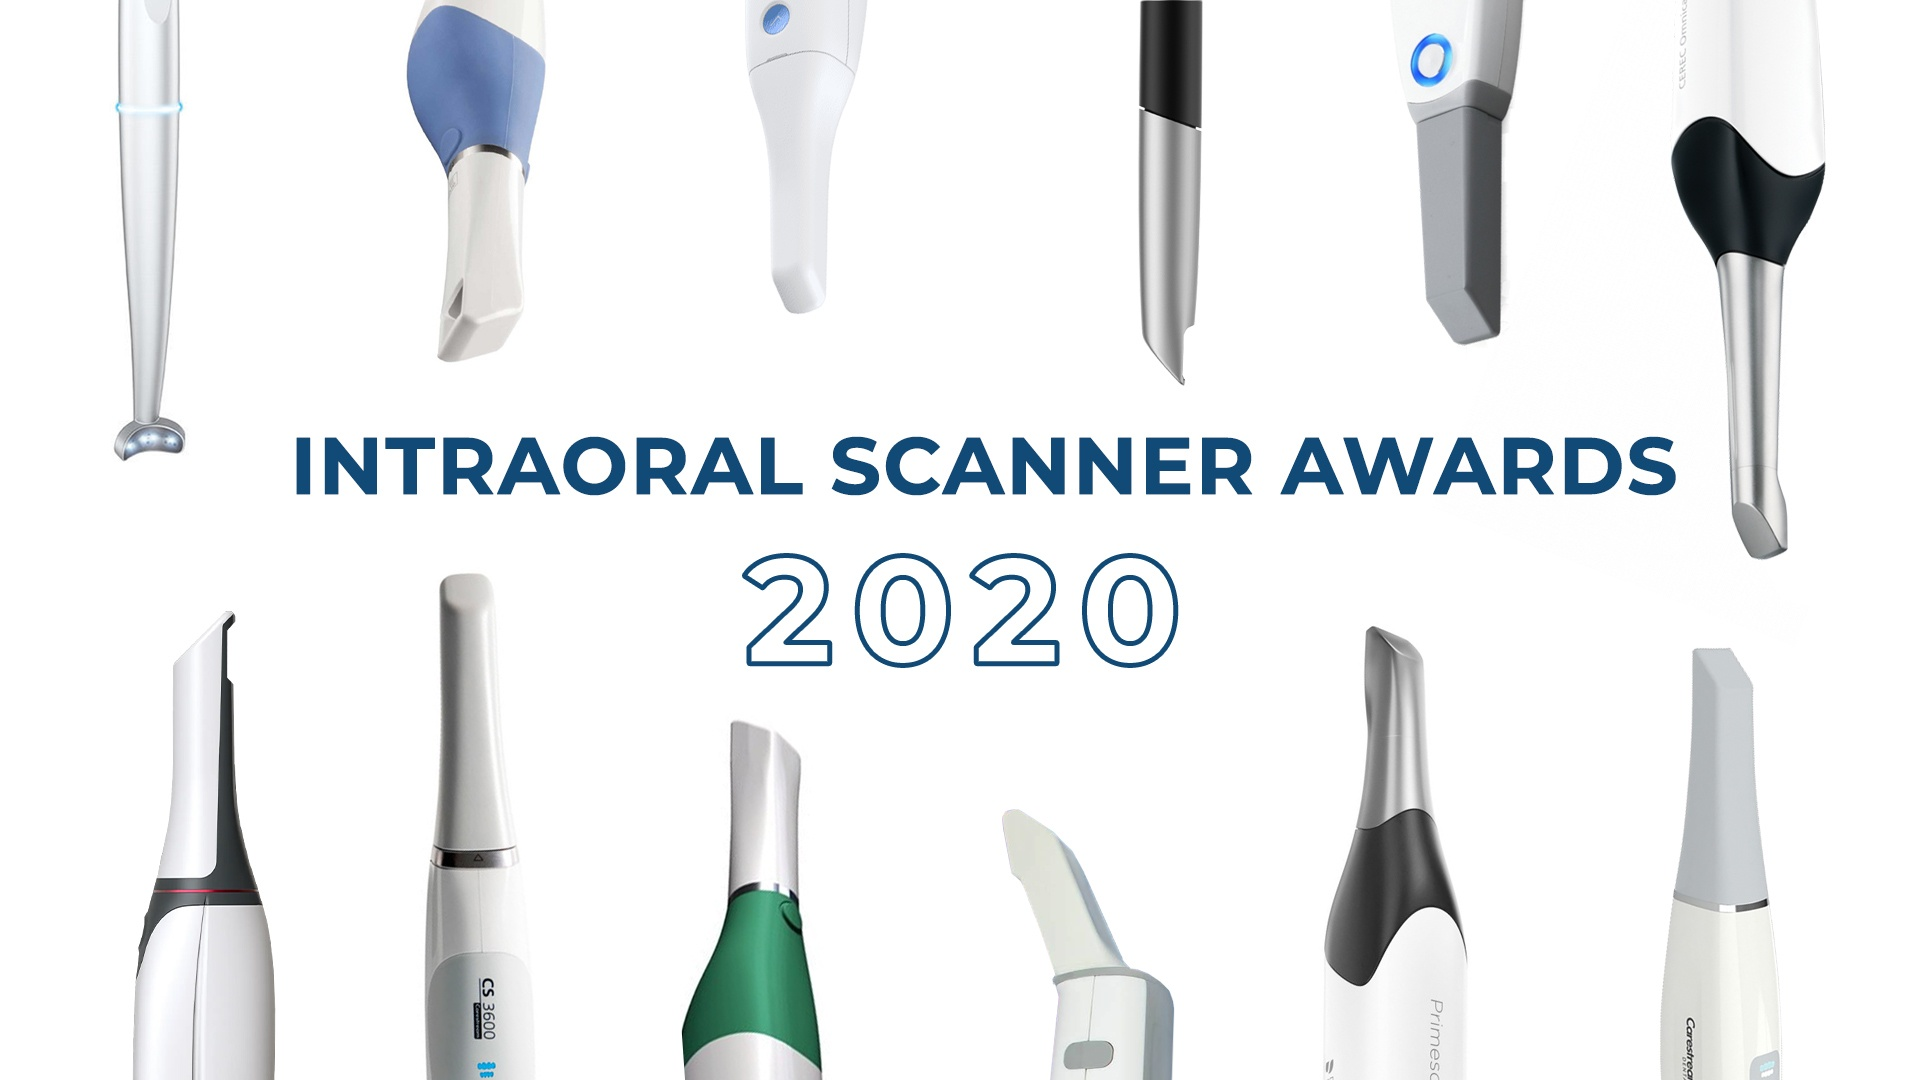 intraoral scanner awards best dental scanners 2